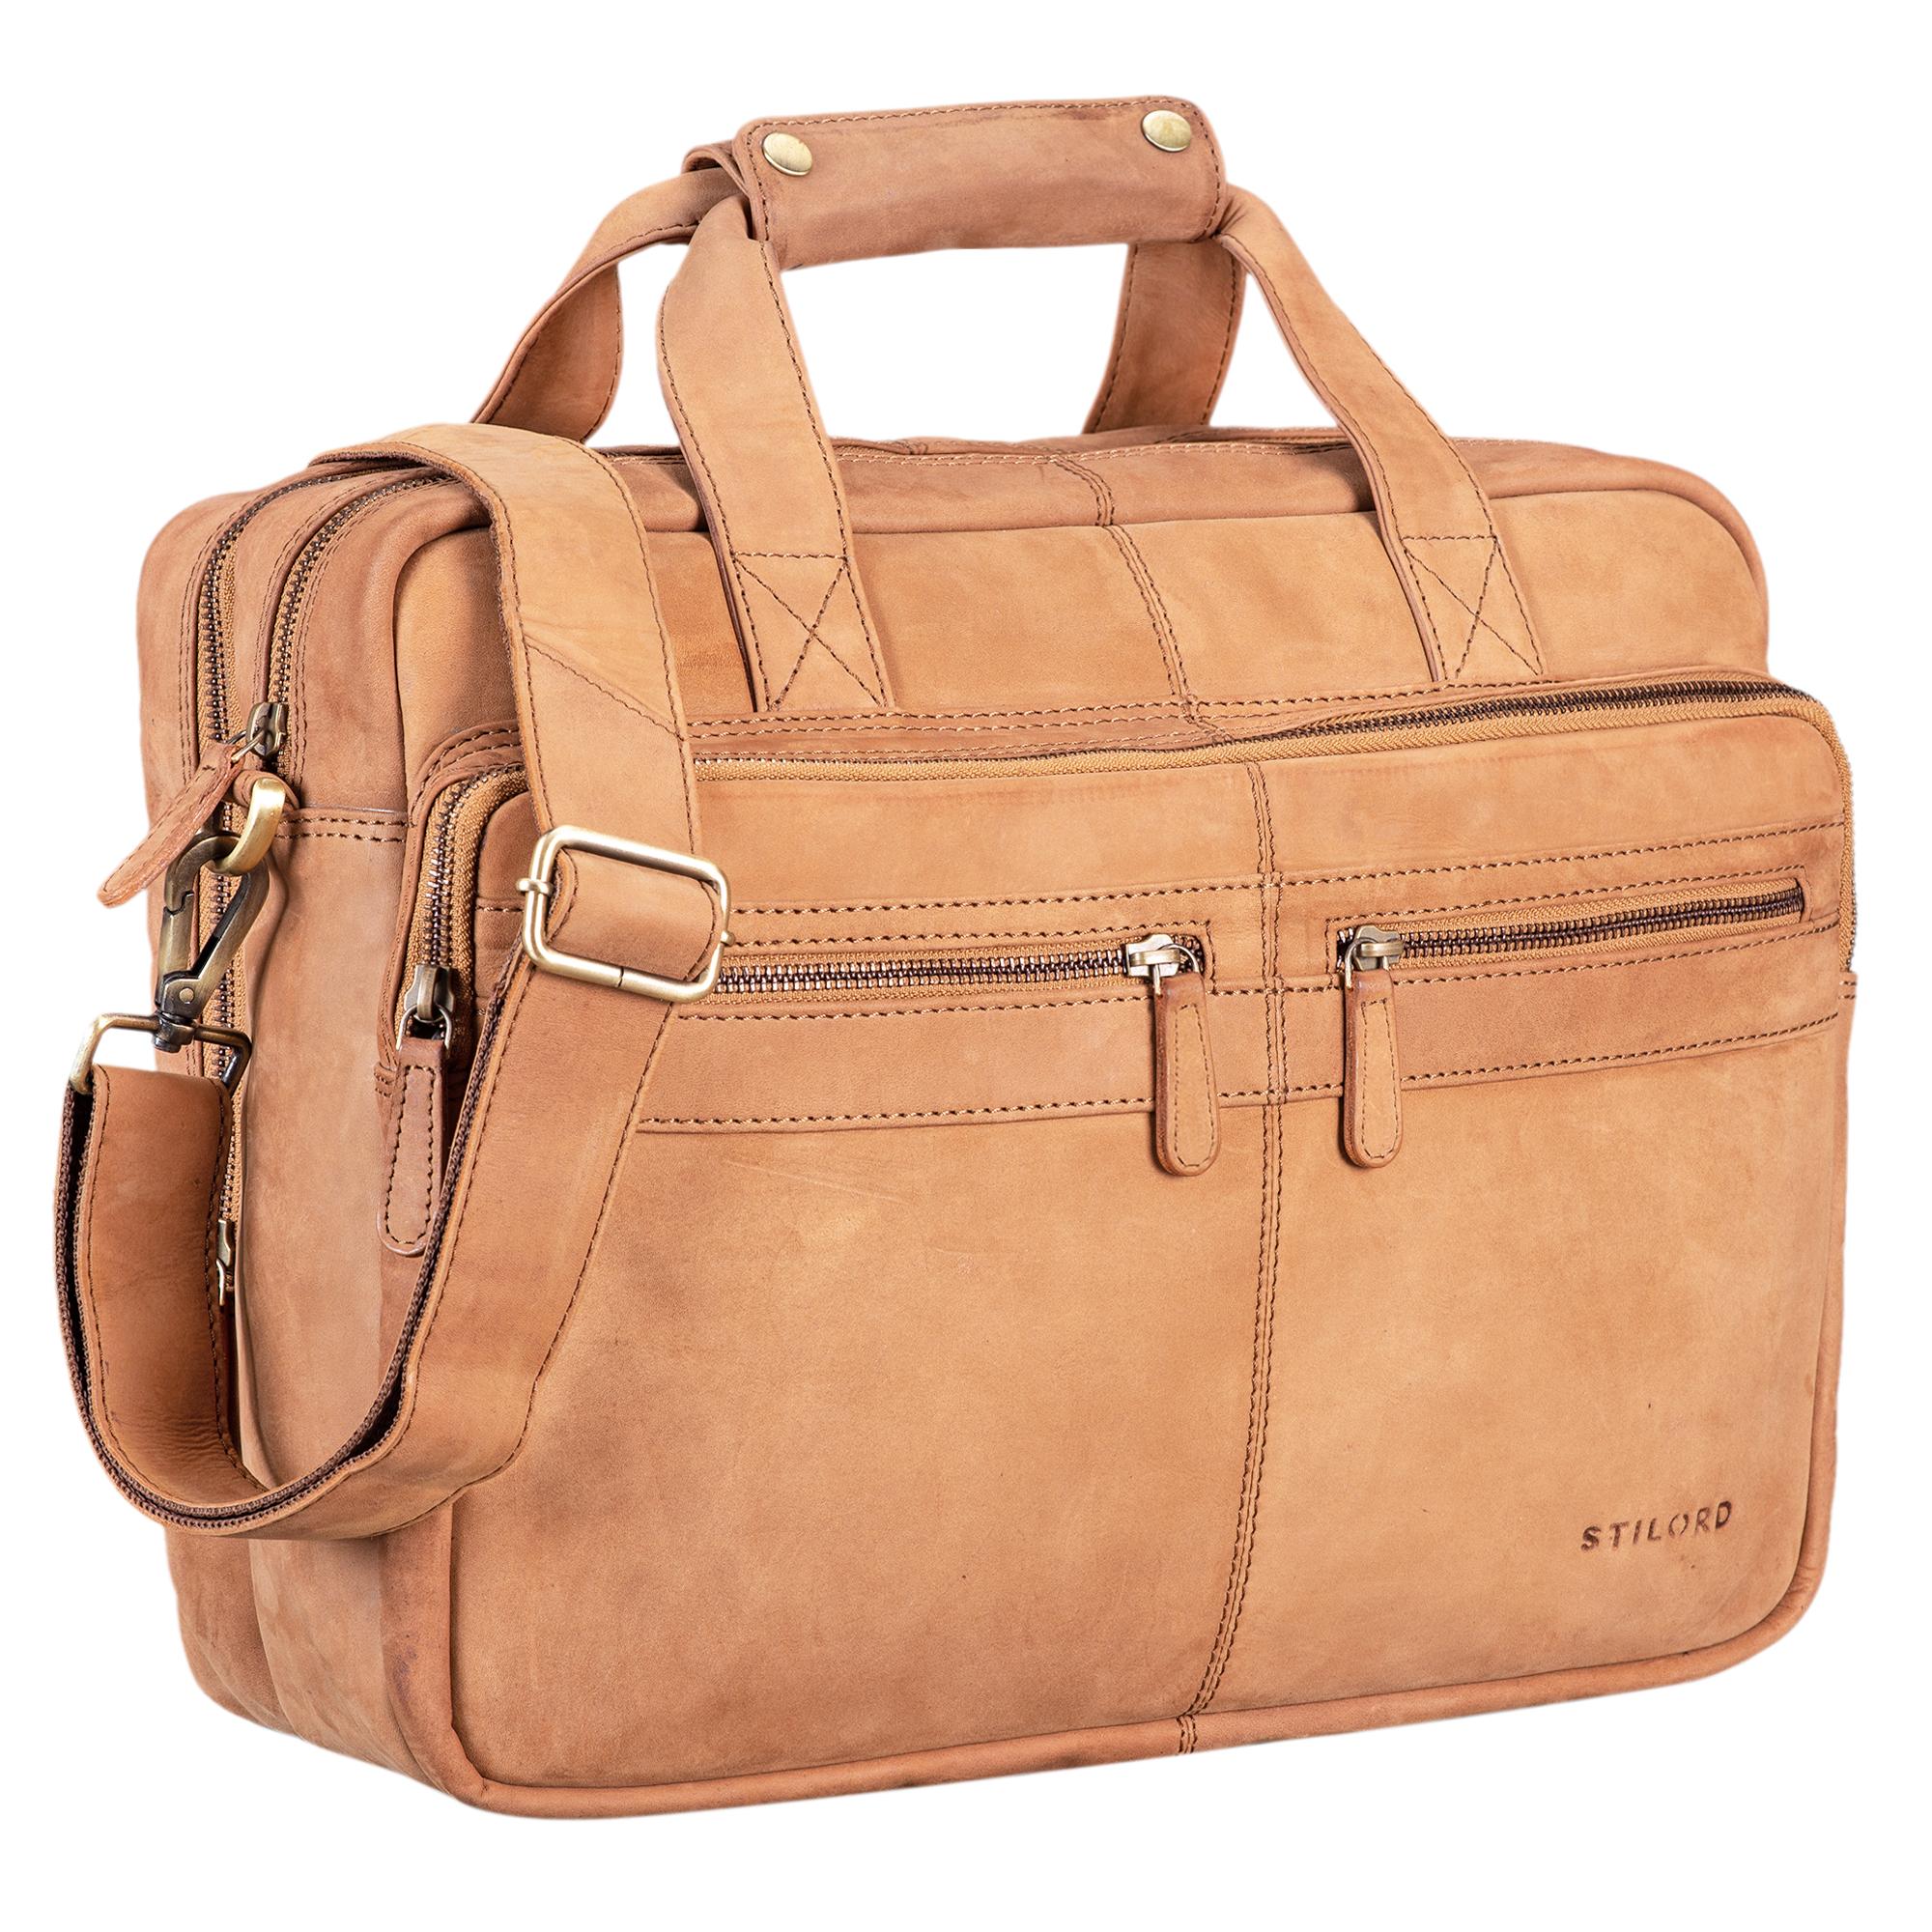 """STILORD """"Explorer"""" Lehrertasche Leder Herren Damen Aktentasche Büro Schulter- oder Umhängetasche für Laptop mit Dreifachtrenner Echt Leder Vintage - Bild 23"""